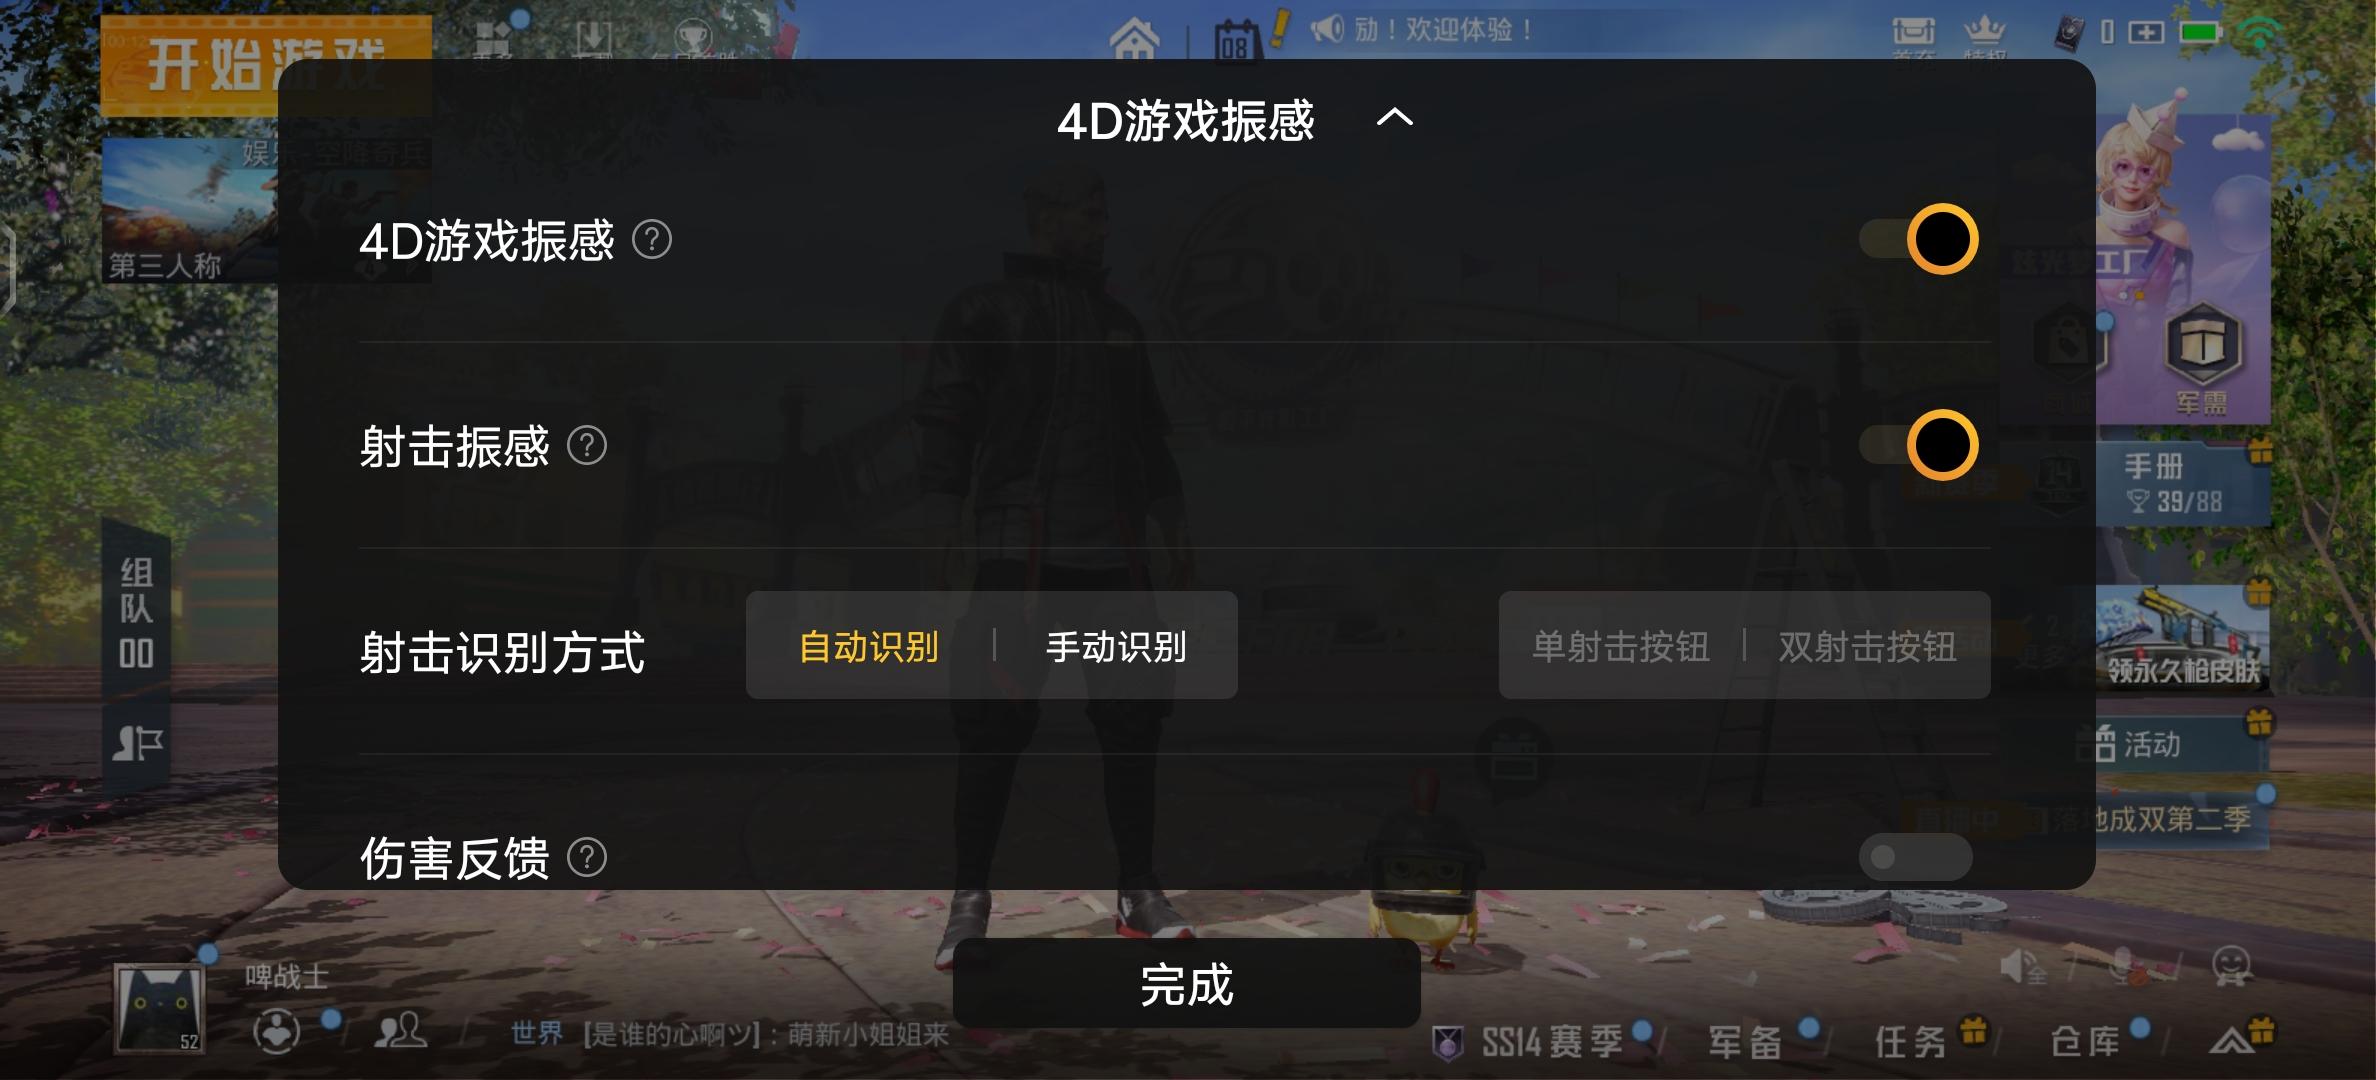 Screenshot_20210908_145331_3d819ca0aafc750ced08a57fa1c9e1f4.jpg